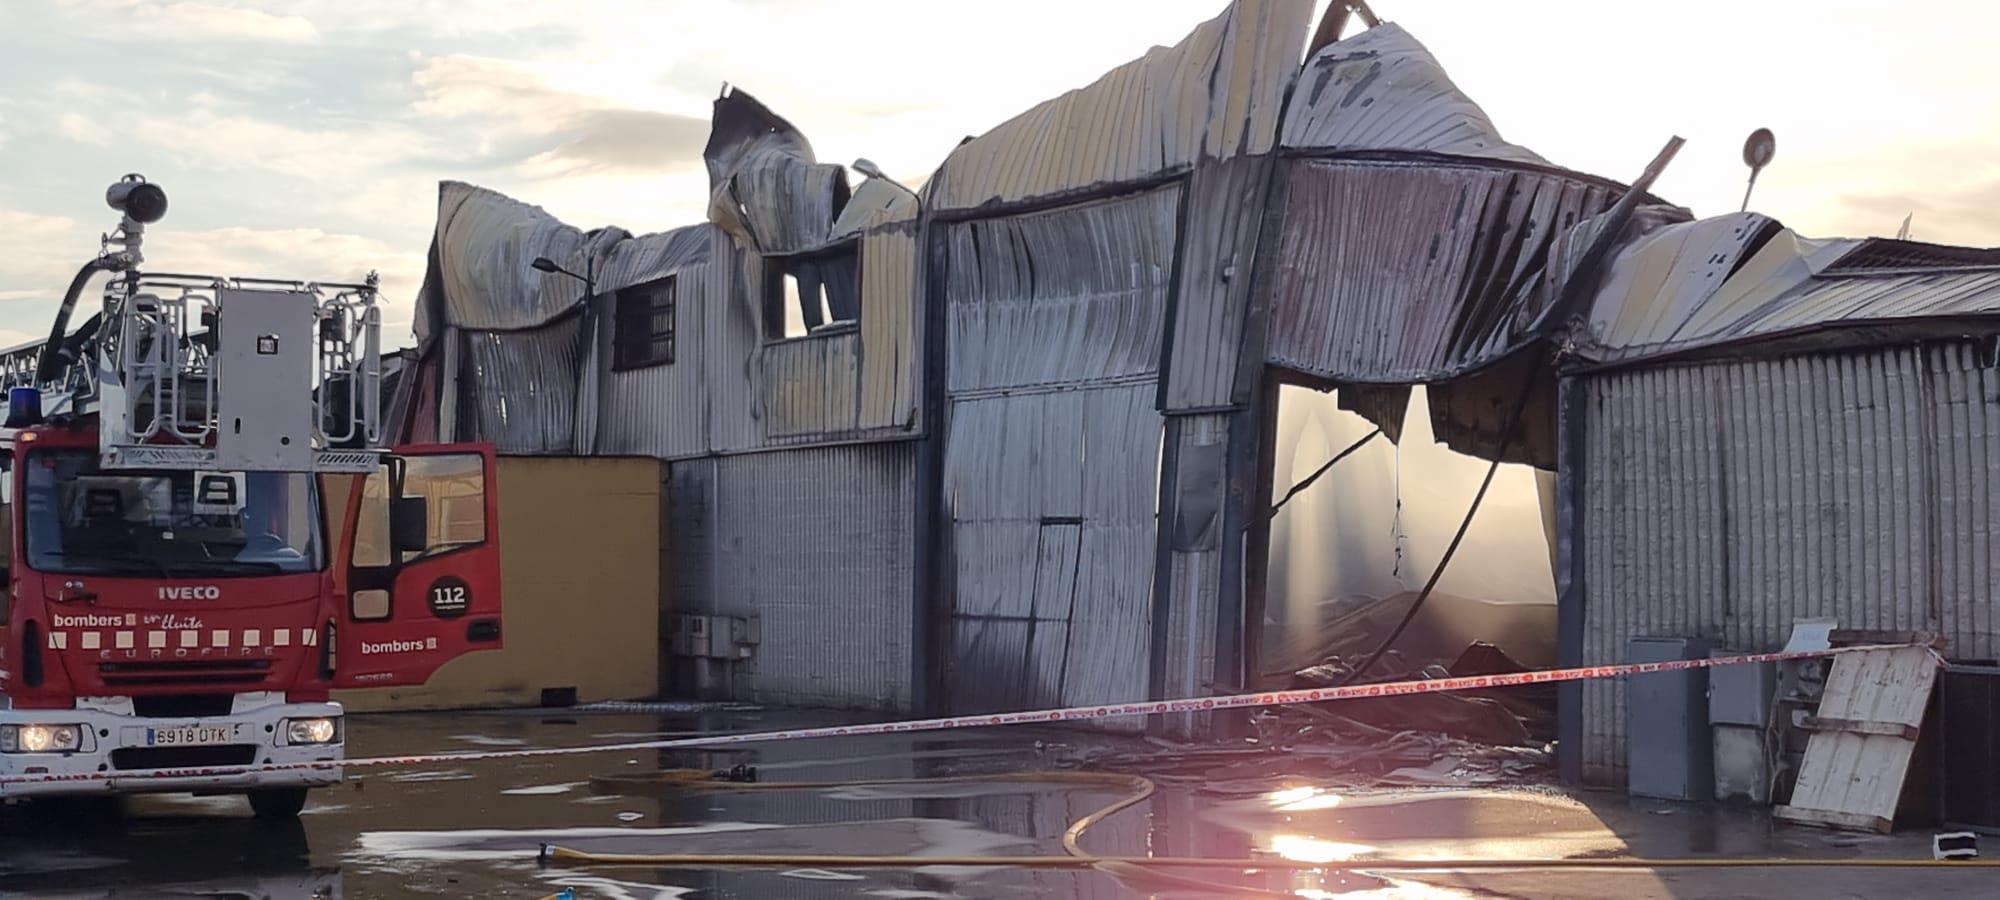 Una nau de Rieju, totalment cremada